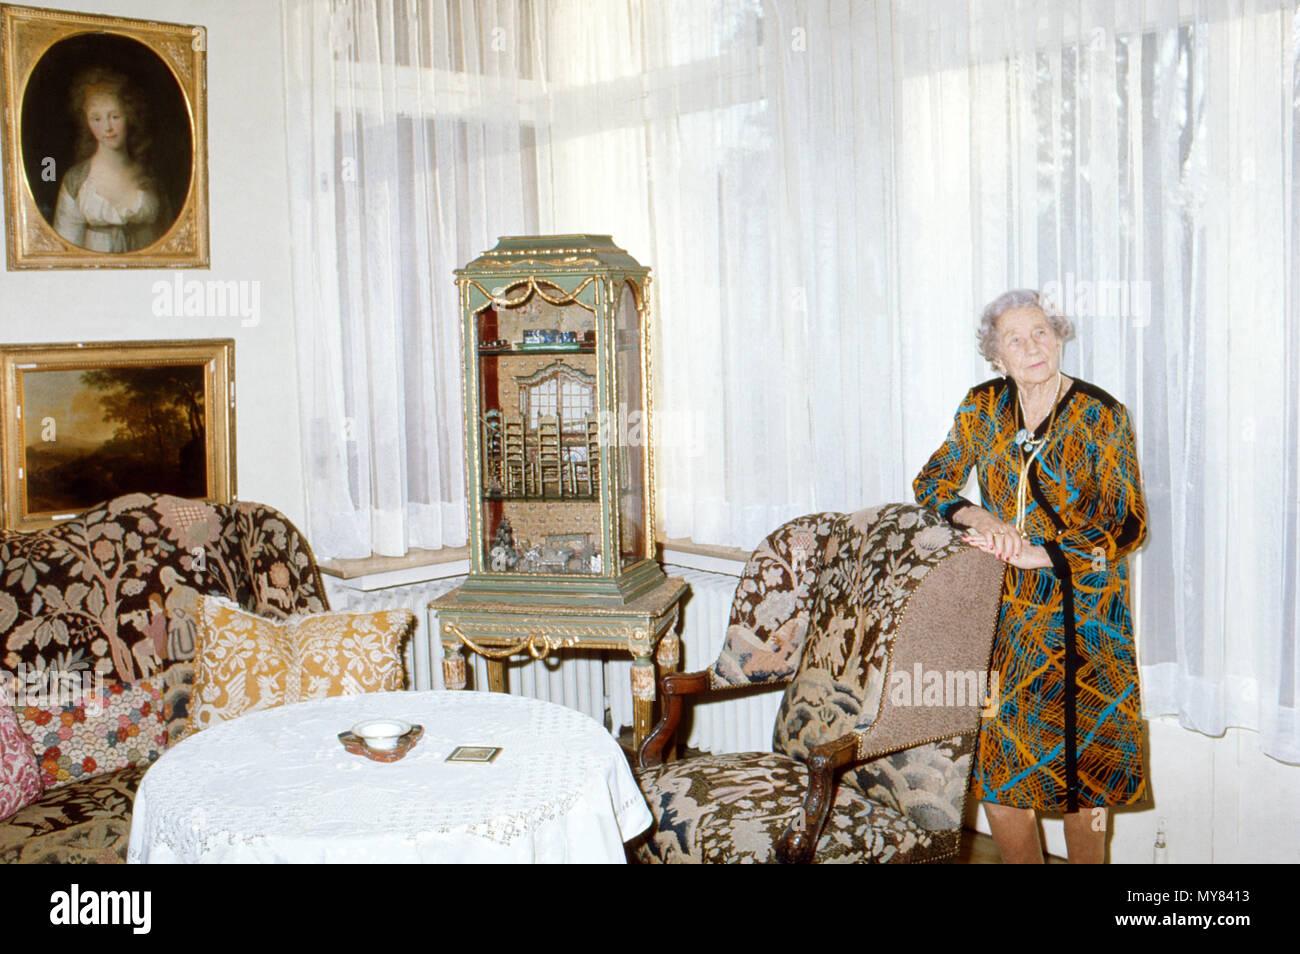 Prinzessin Viktoria Luise von Preußen, Herzogin zu Braunschweig-Lüneburg, in ihrem Wohnzimmer im Haus in Braunschweig, Deutschland 1974. Princess Victoria Louise of Prussia, Duchess of Brunswick Lueneburg, in the living room at her house in Brunswick, Germany 1974. - Stock Image